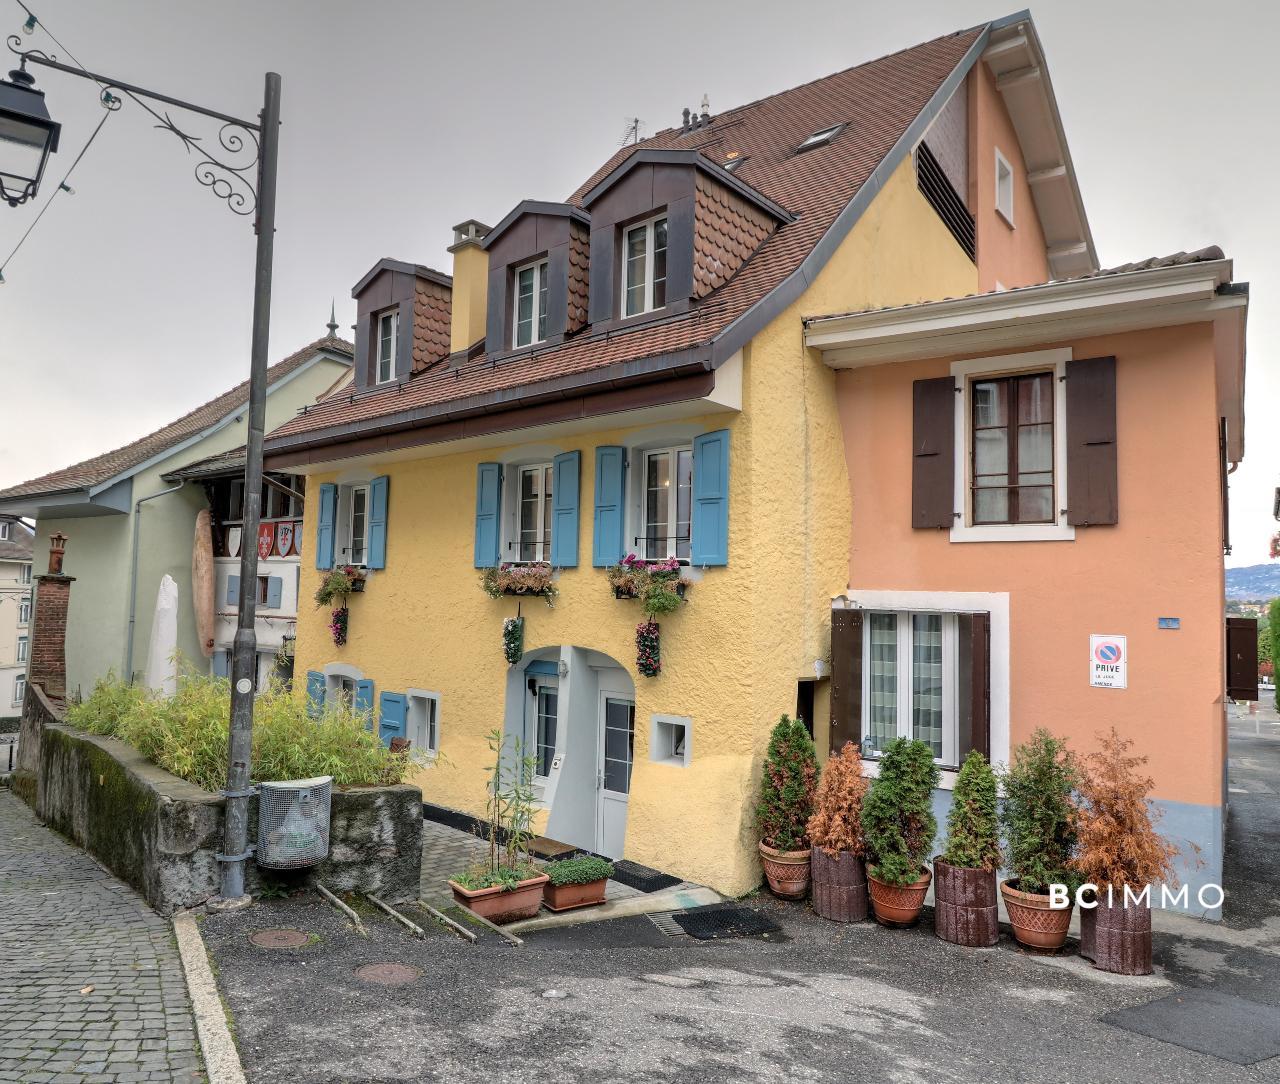 BC Immo - Charme et modernité au coeur du Bourg de Montreux  - M-18-008-GS